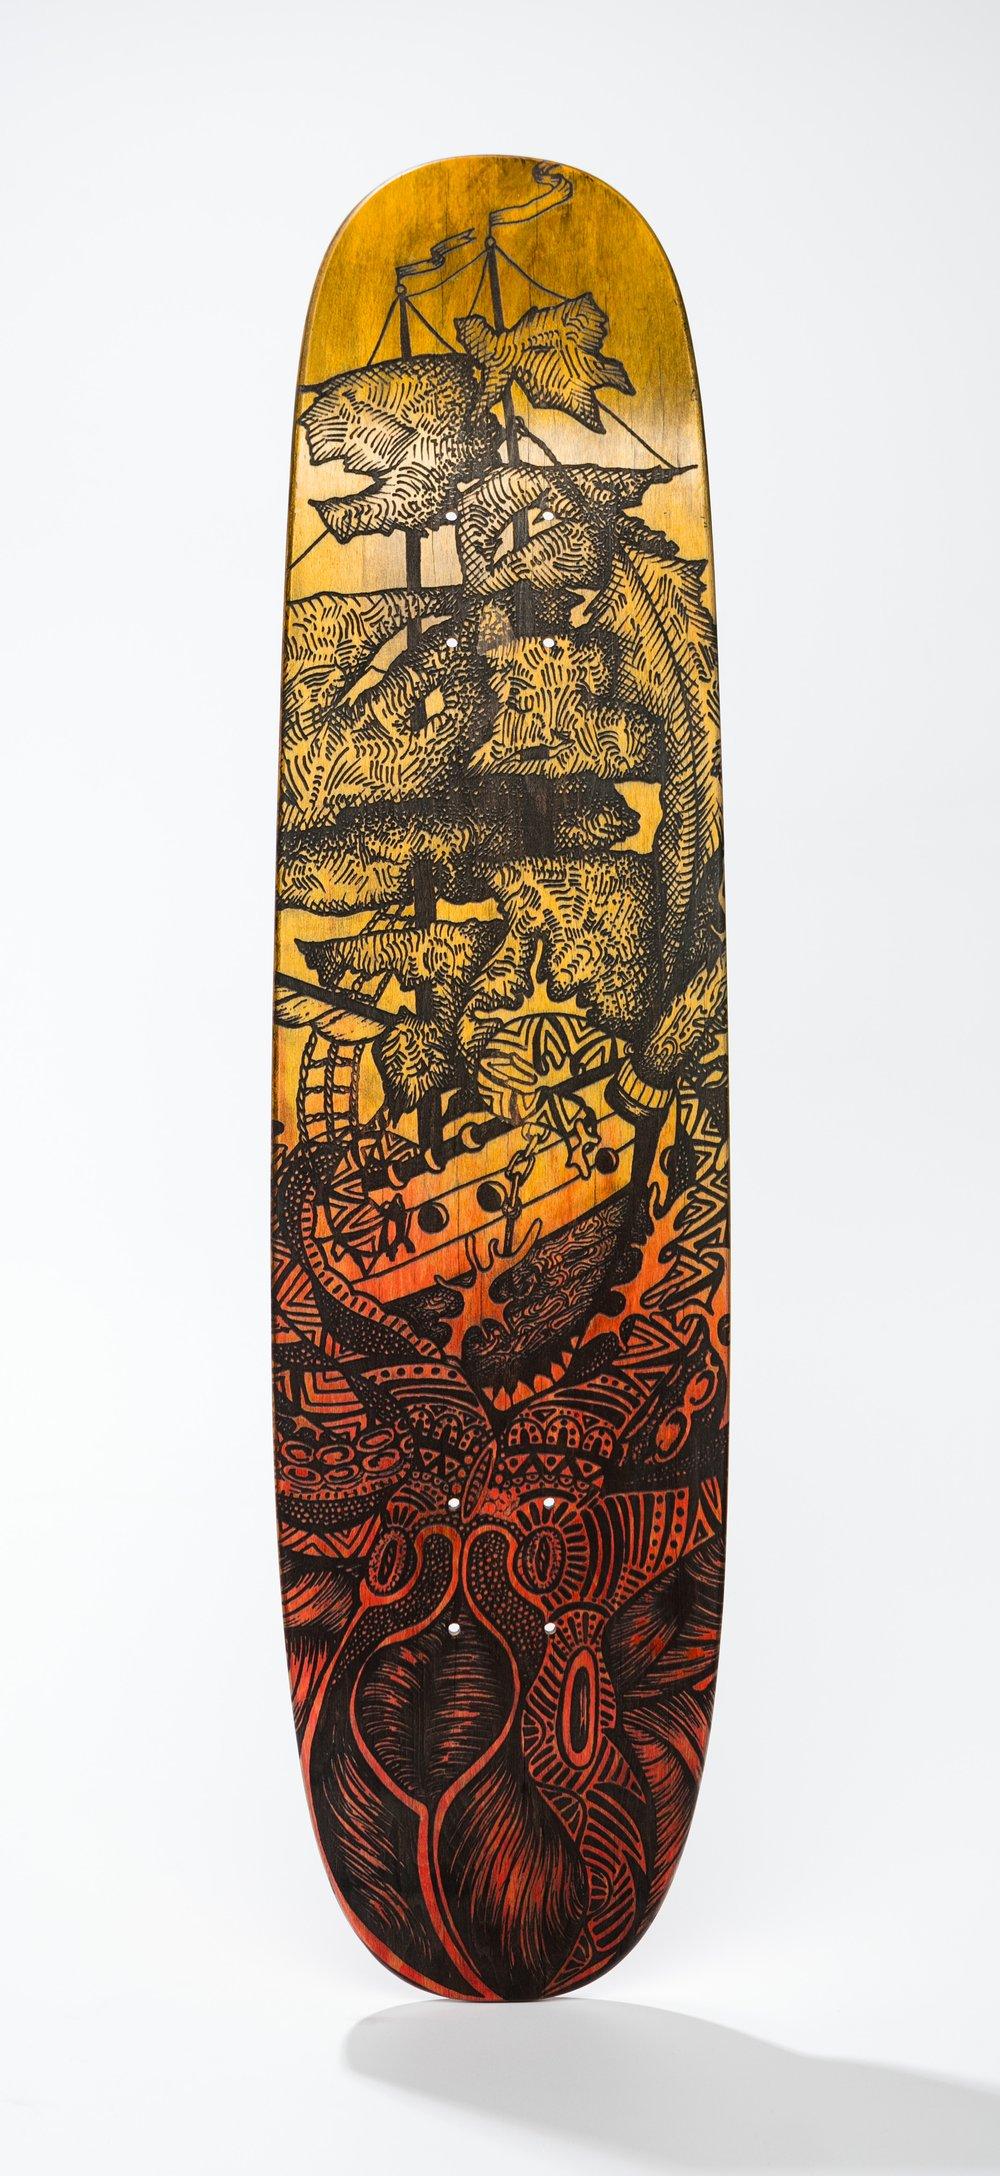 Image of kraken skateboard.